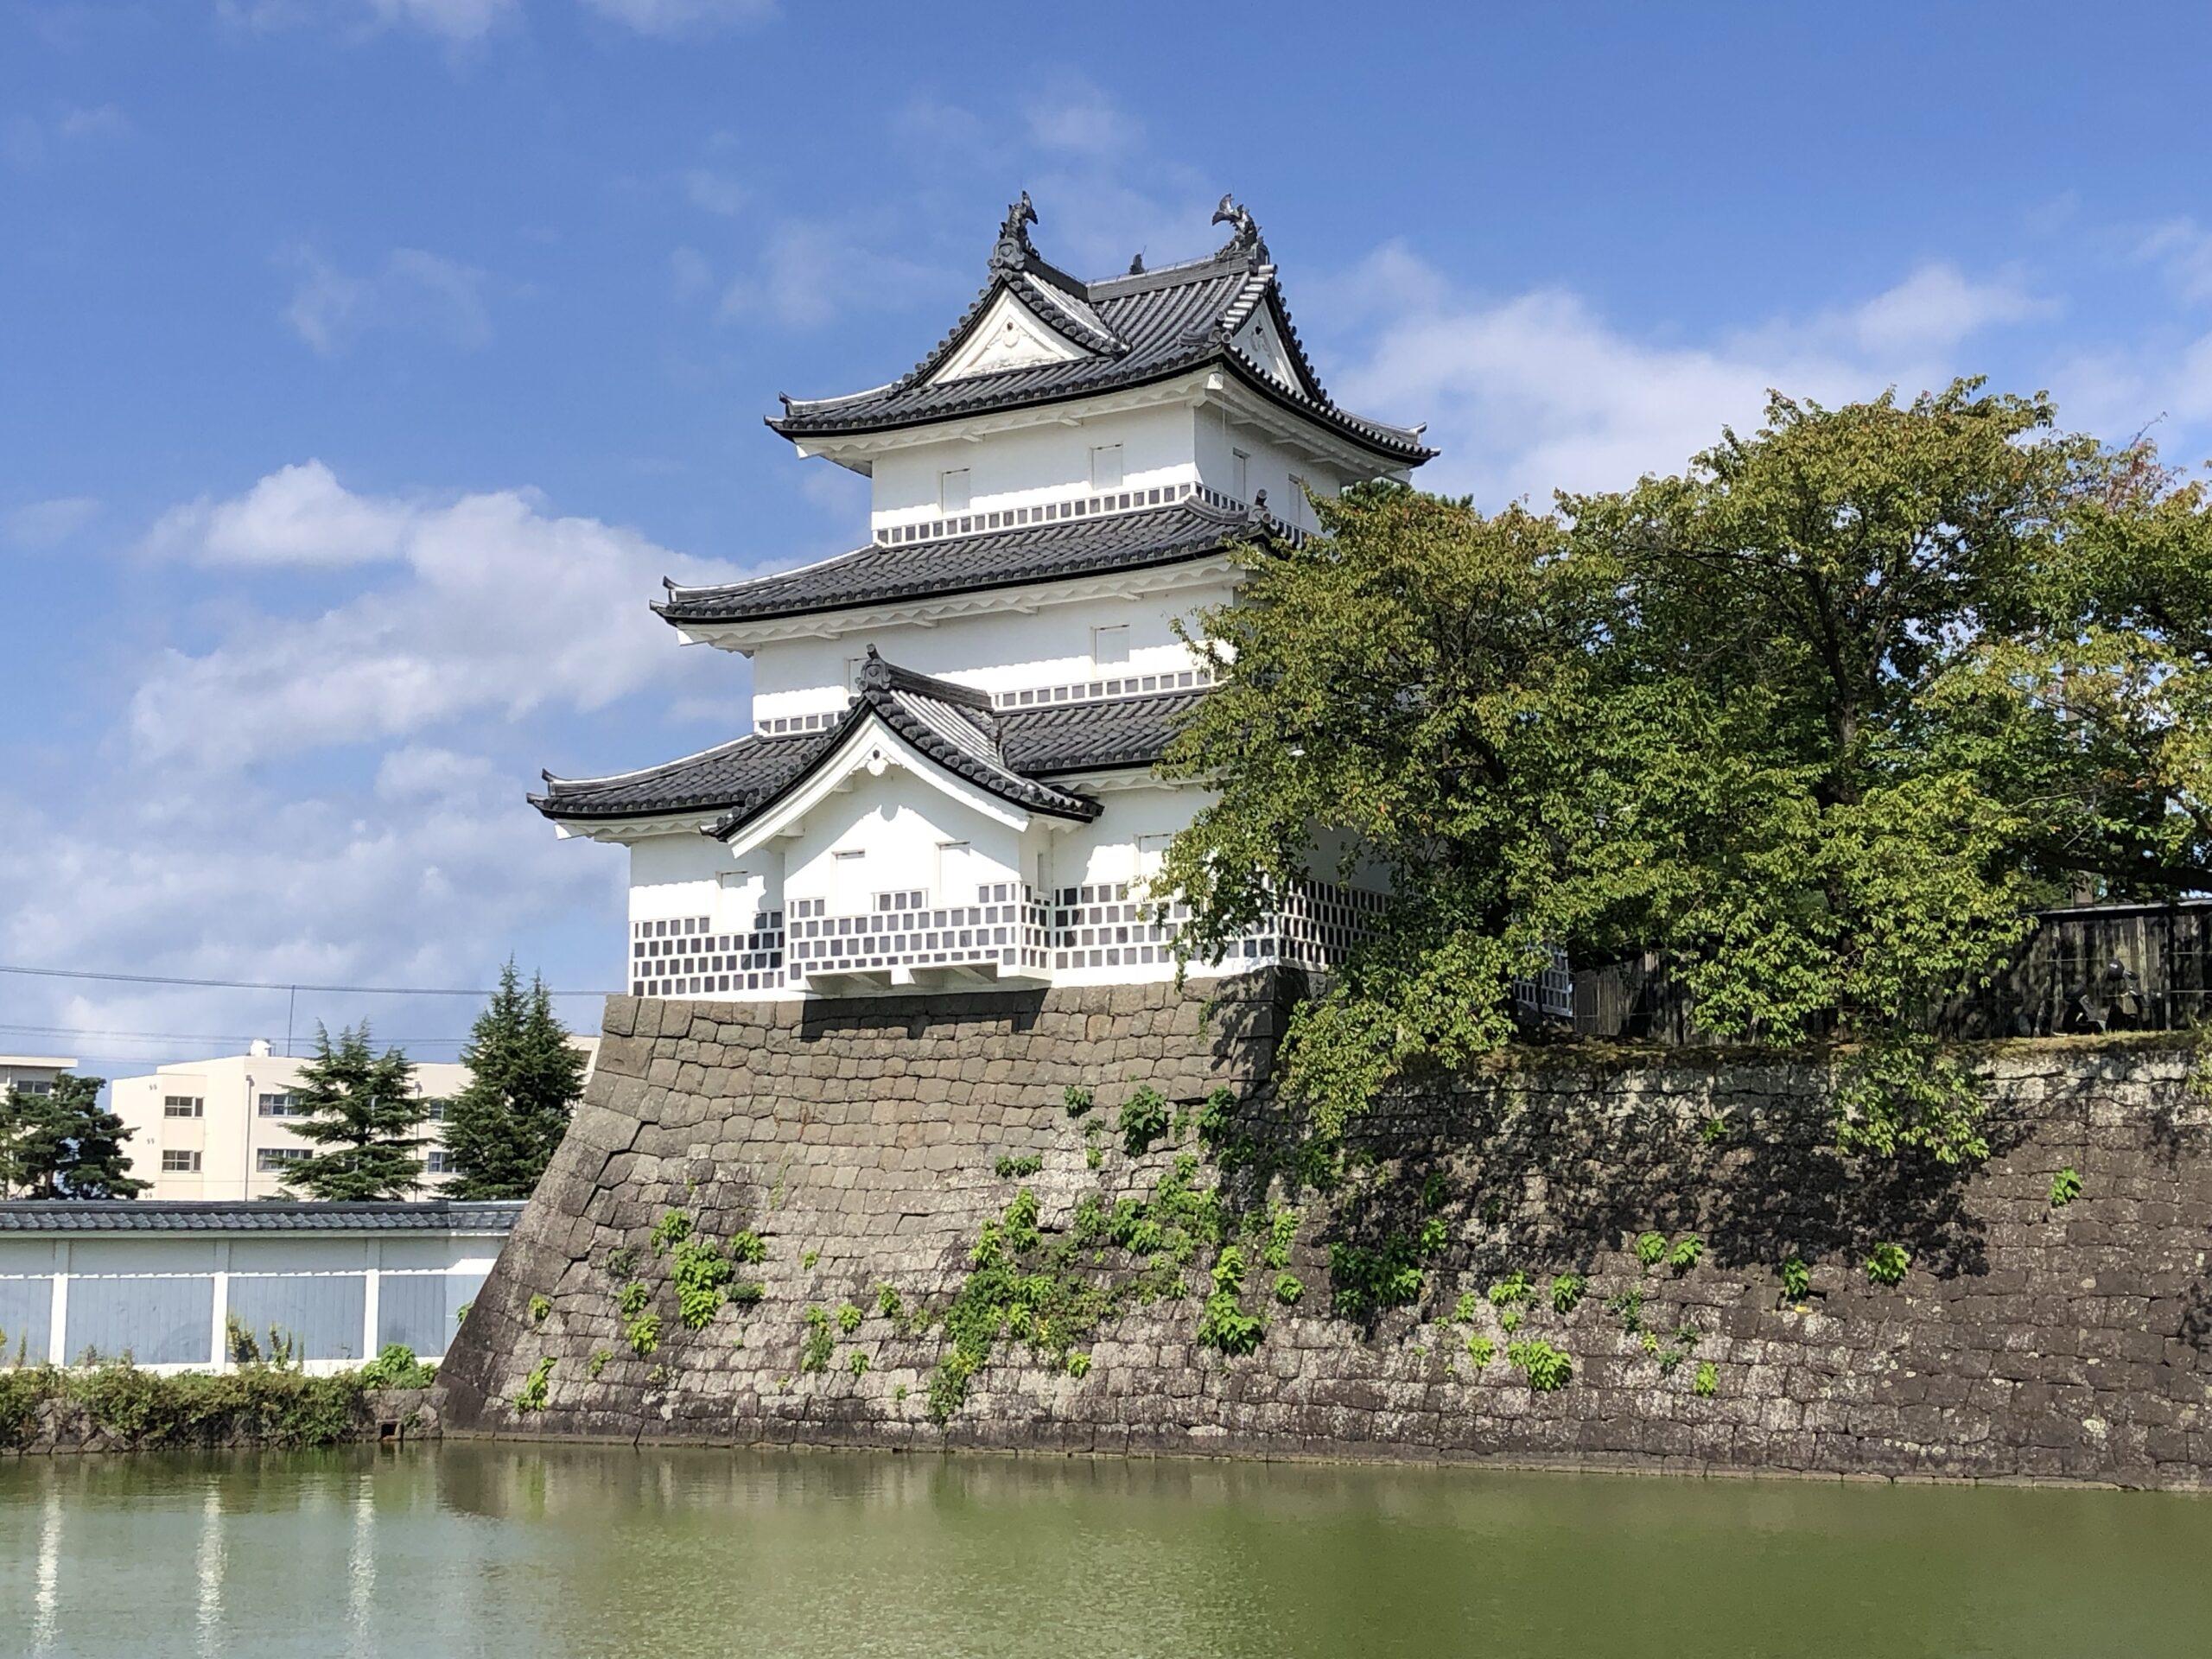 城ぶら「新発田城」!越後新発田を見守る勇壮かつ美麗な名城